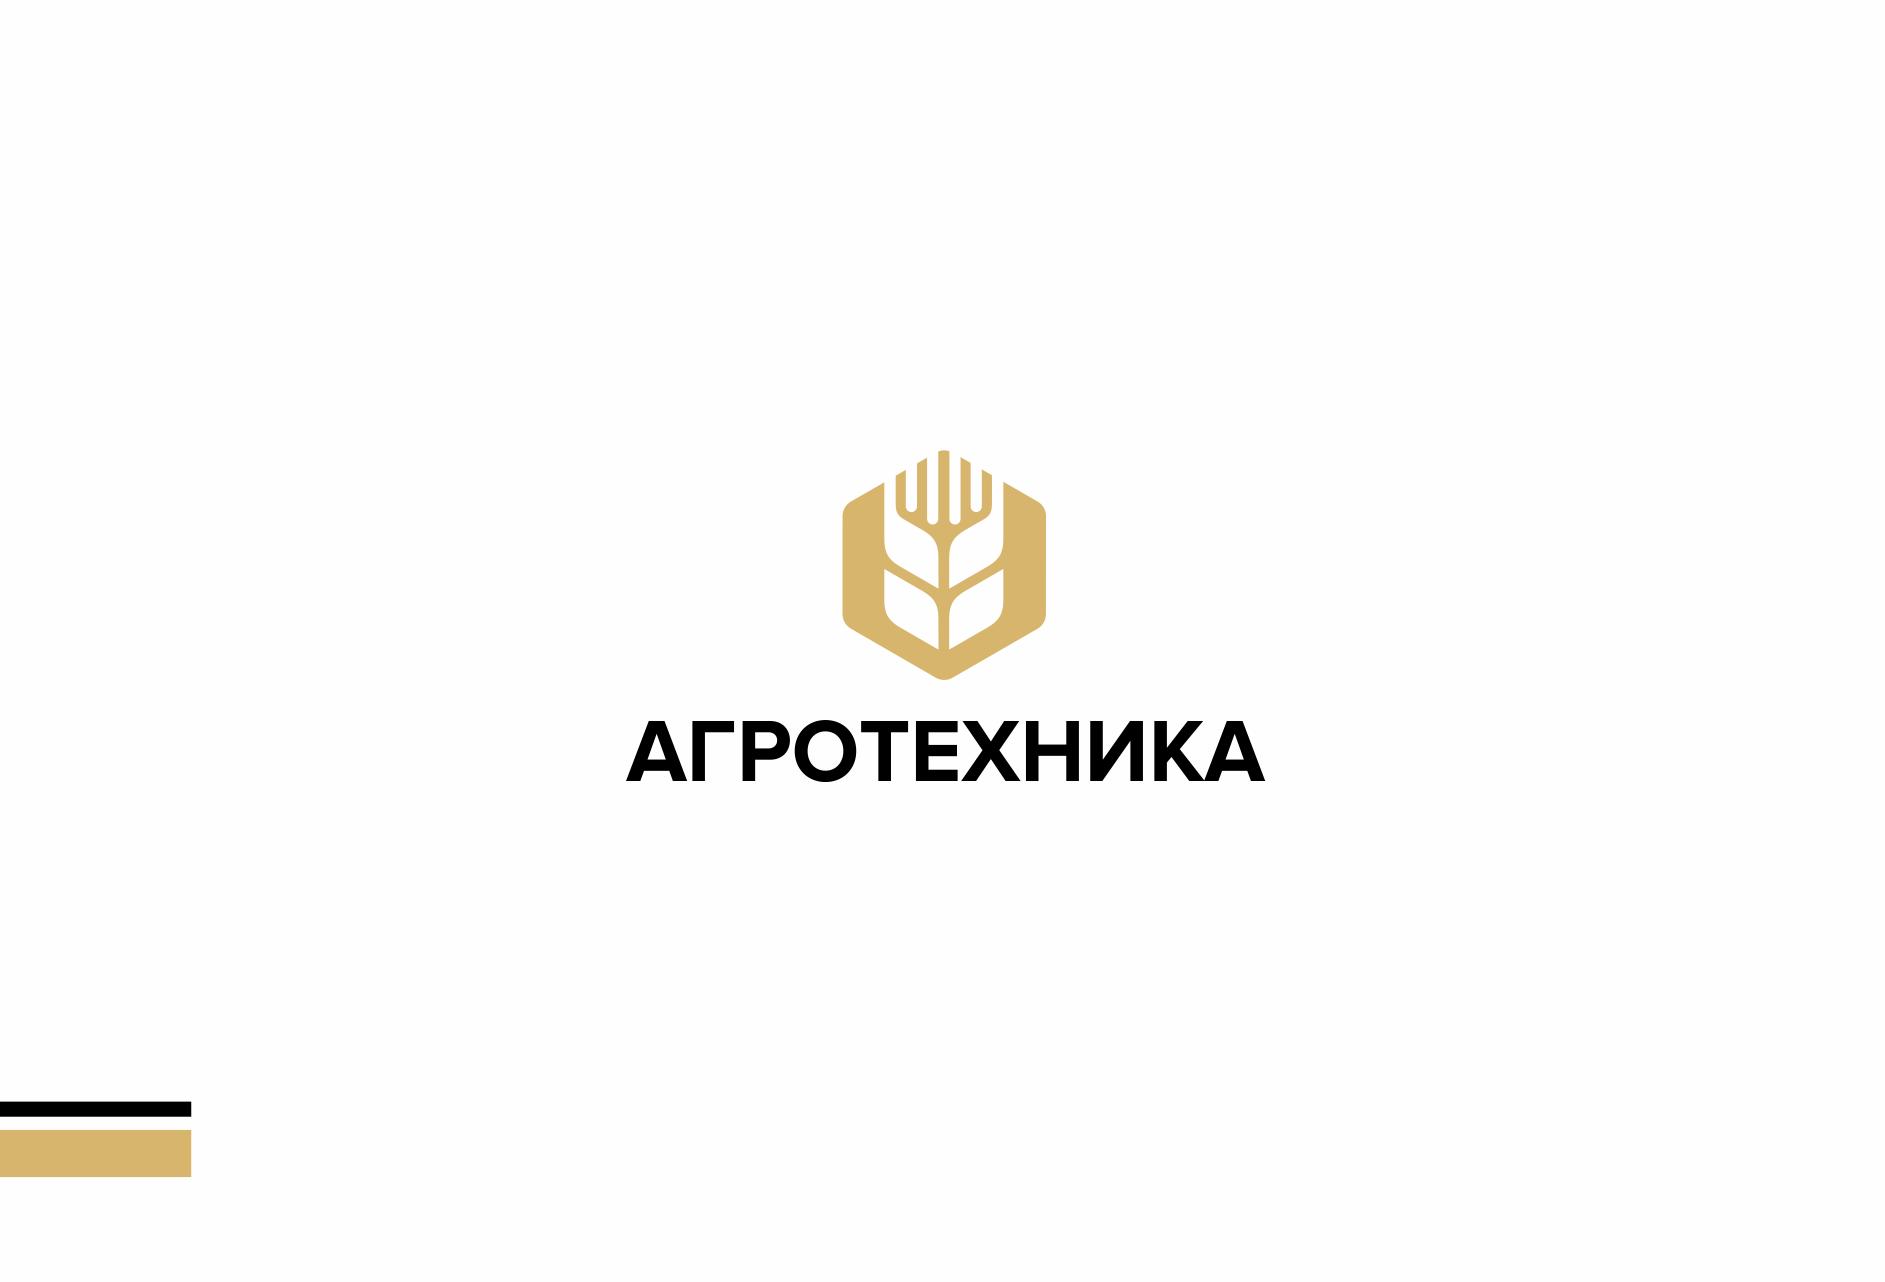 Разработка логотипа для компании Агротехника фото f_7715c0400aa16660.png